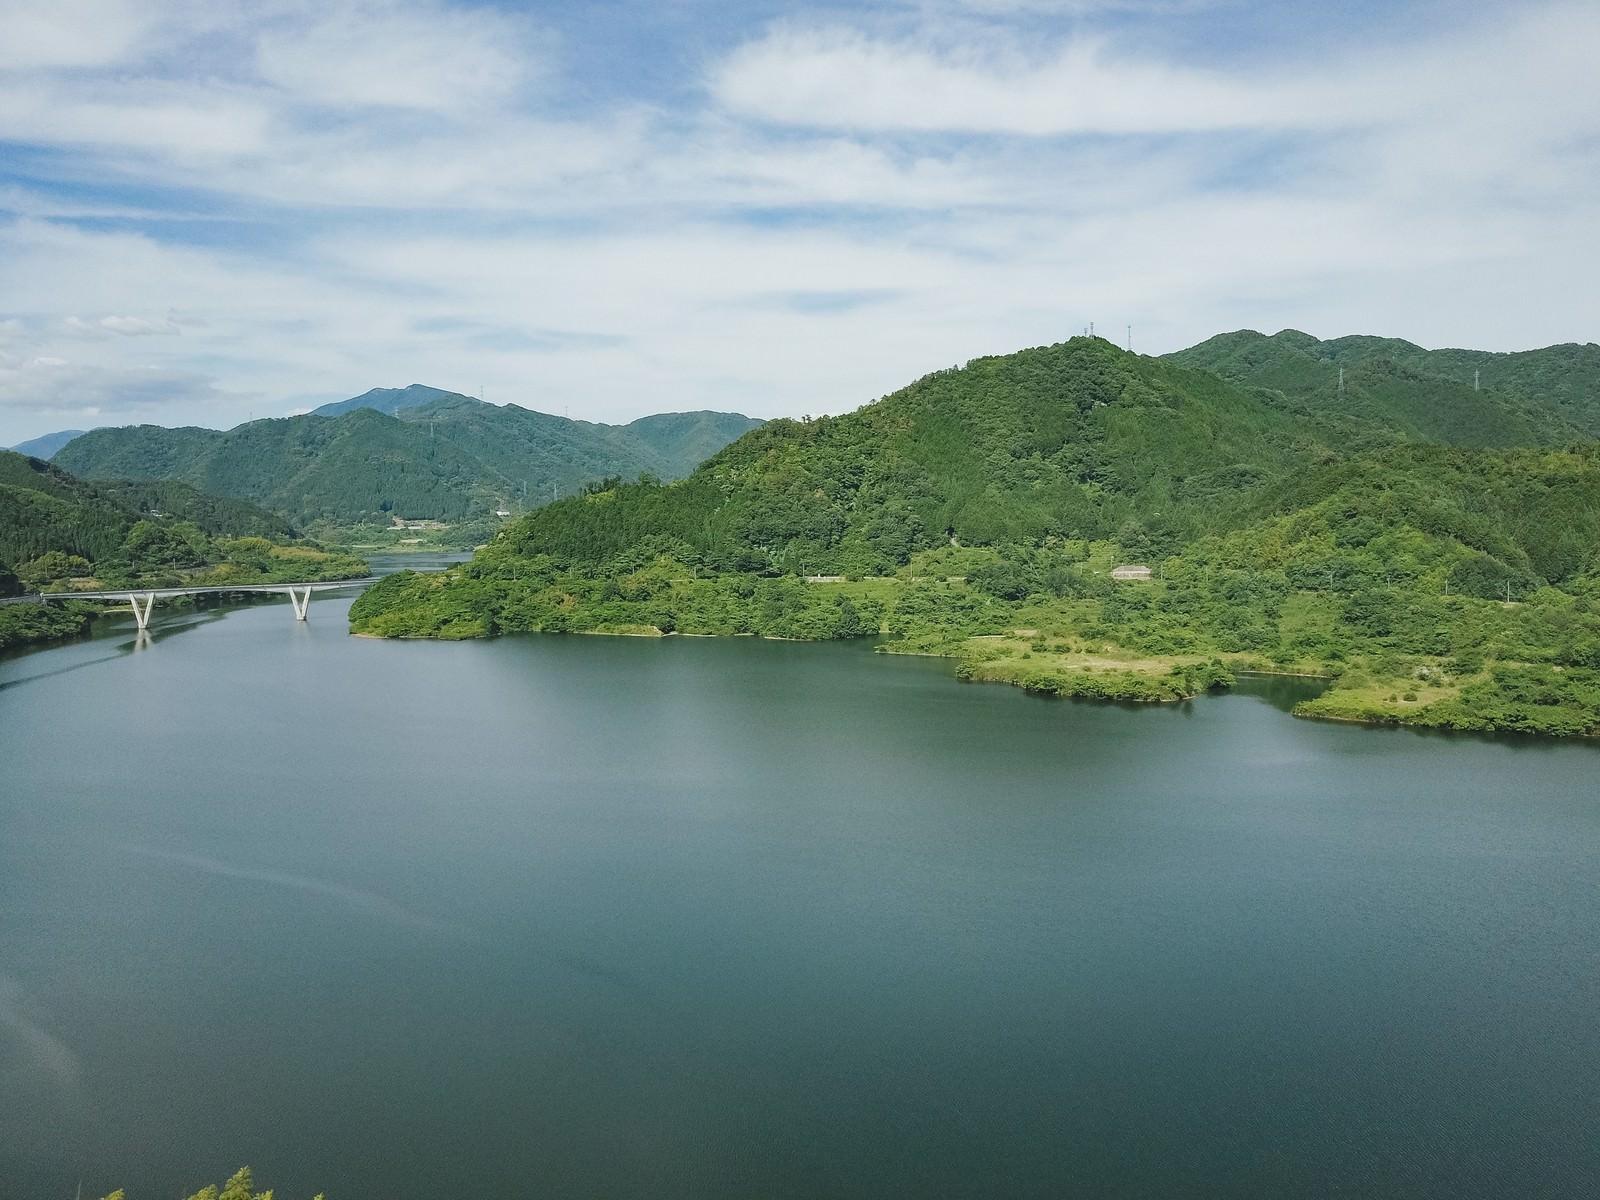 「自然に囲まれた鏡野町にある奥津湖の様子」の写真